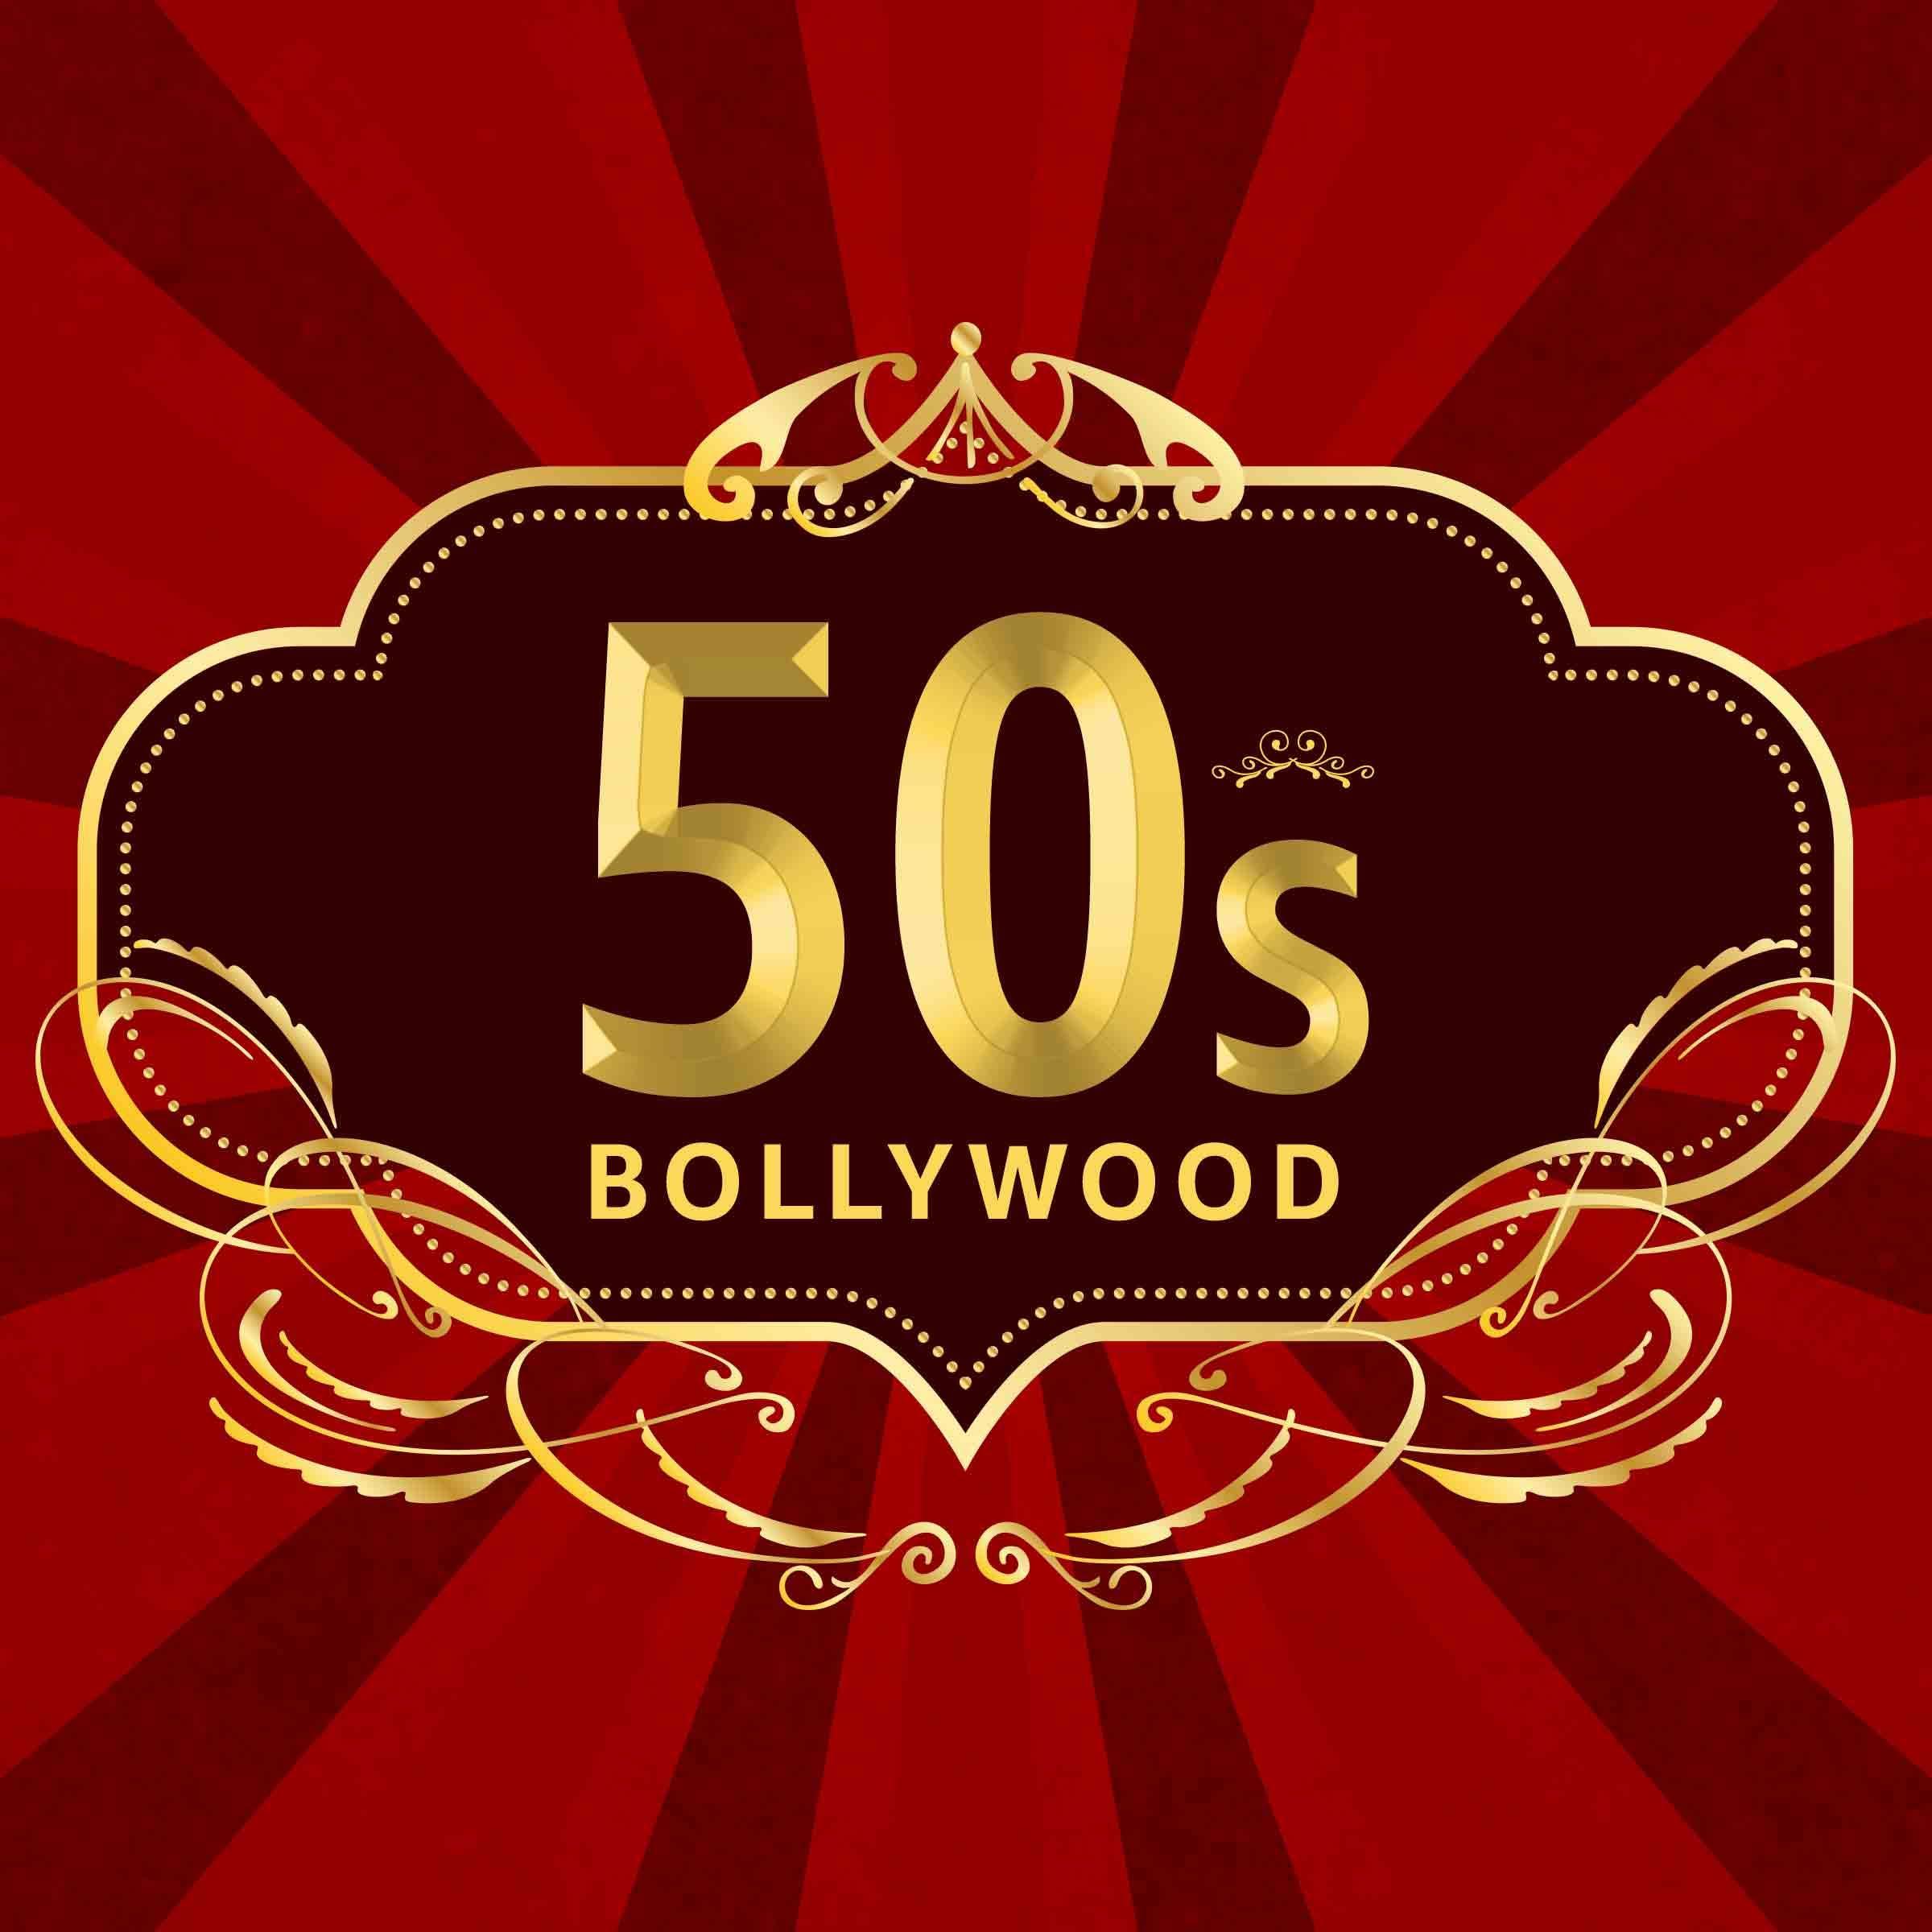 50s Bollywood